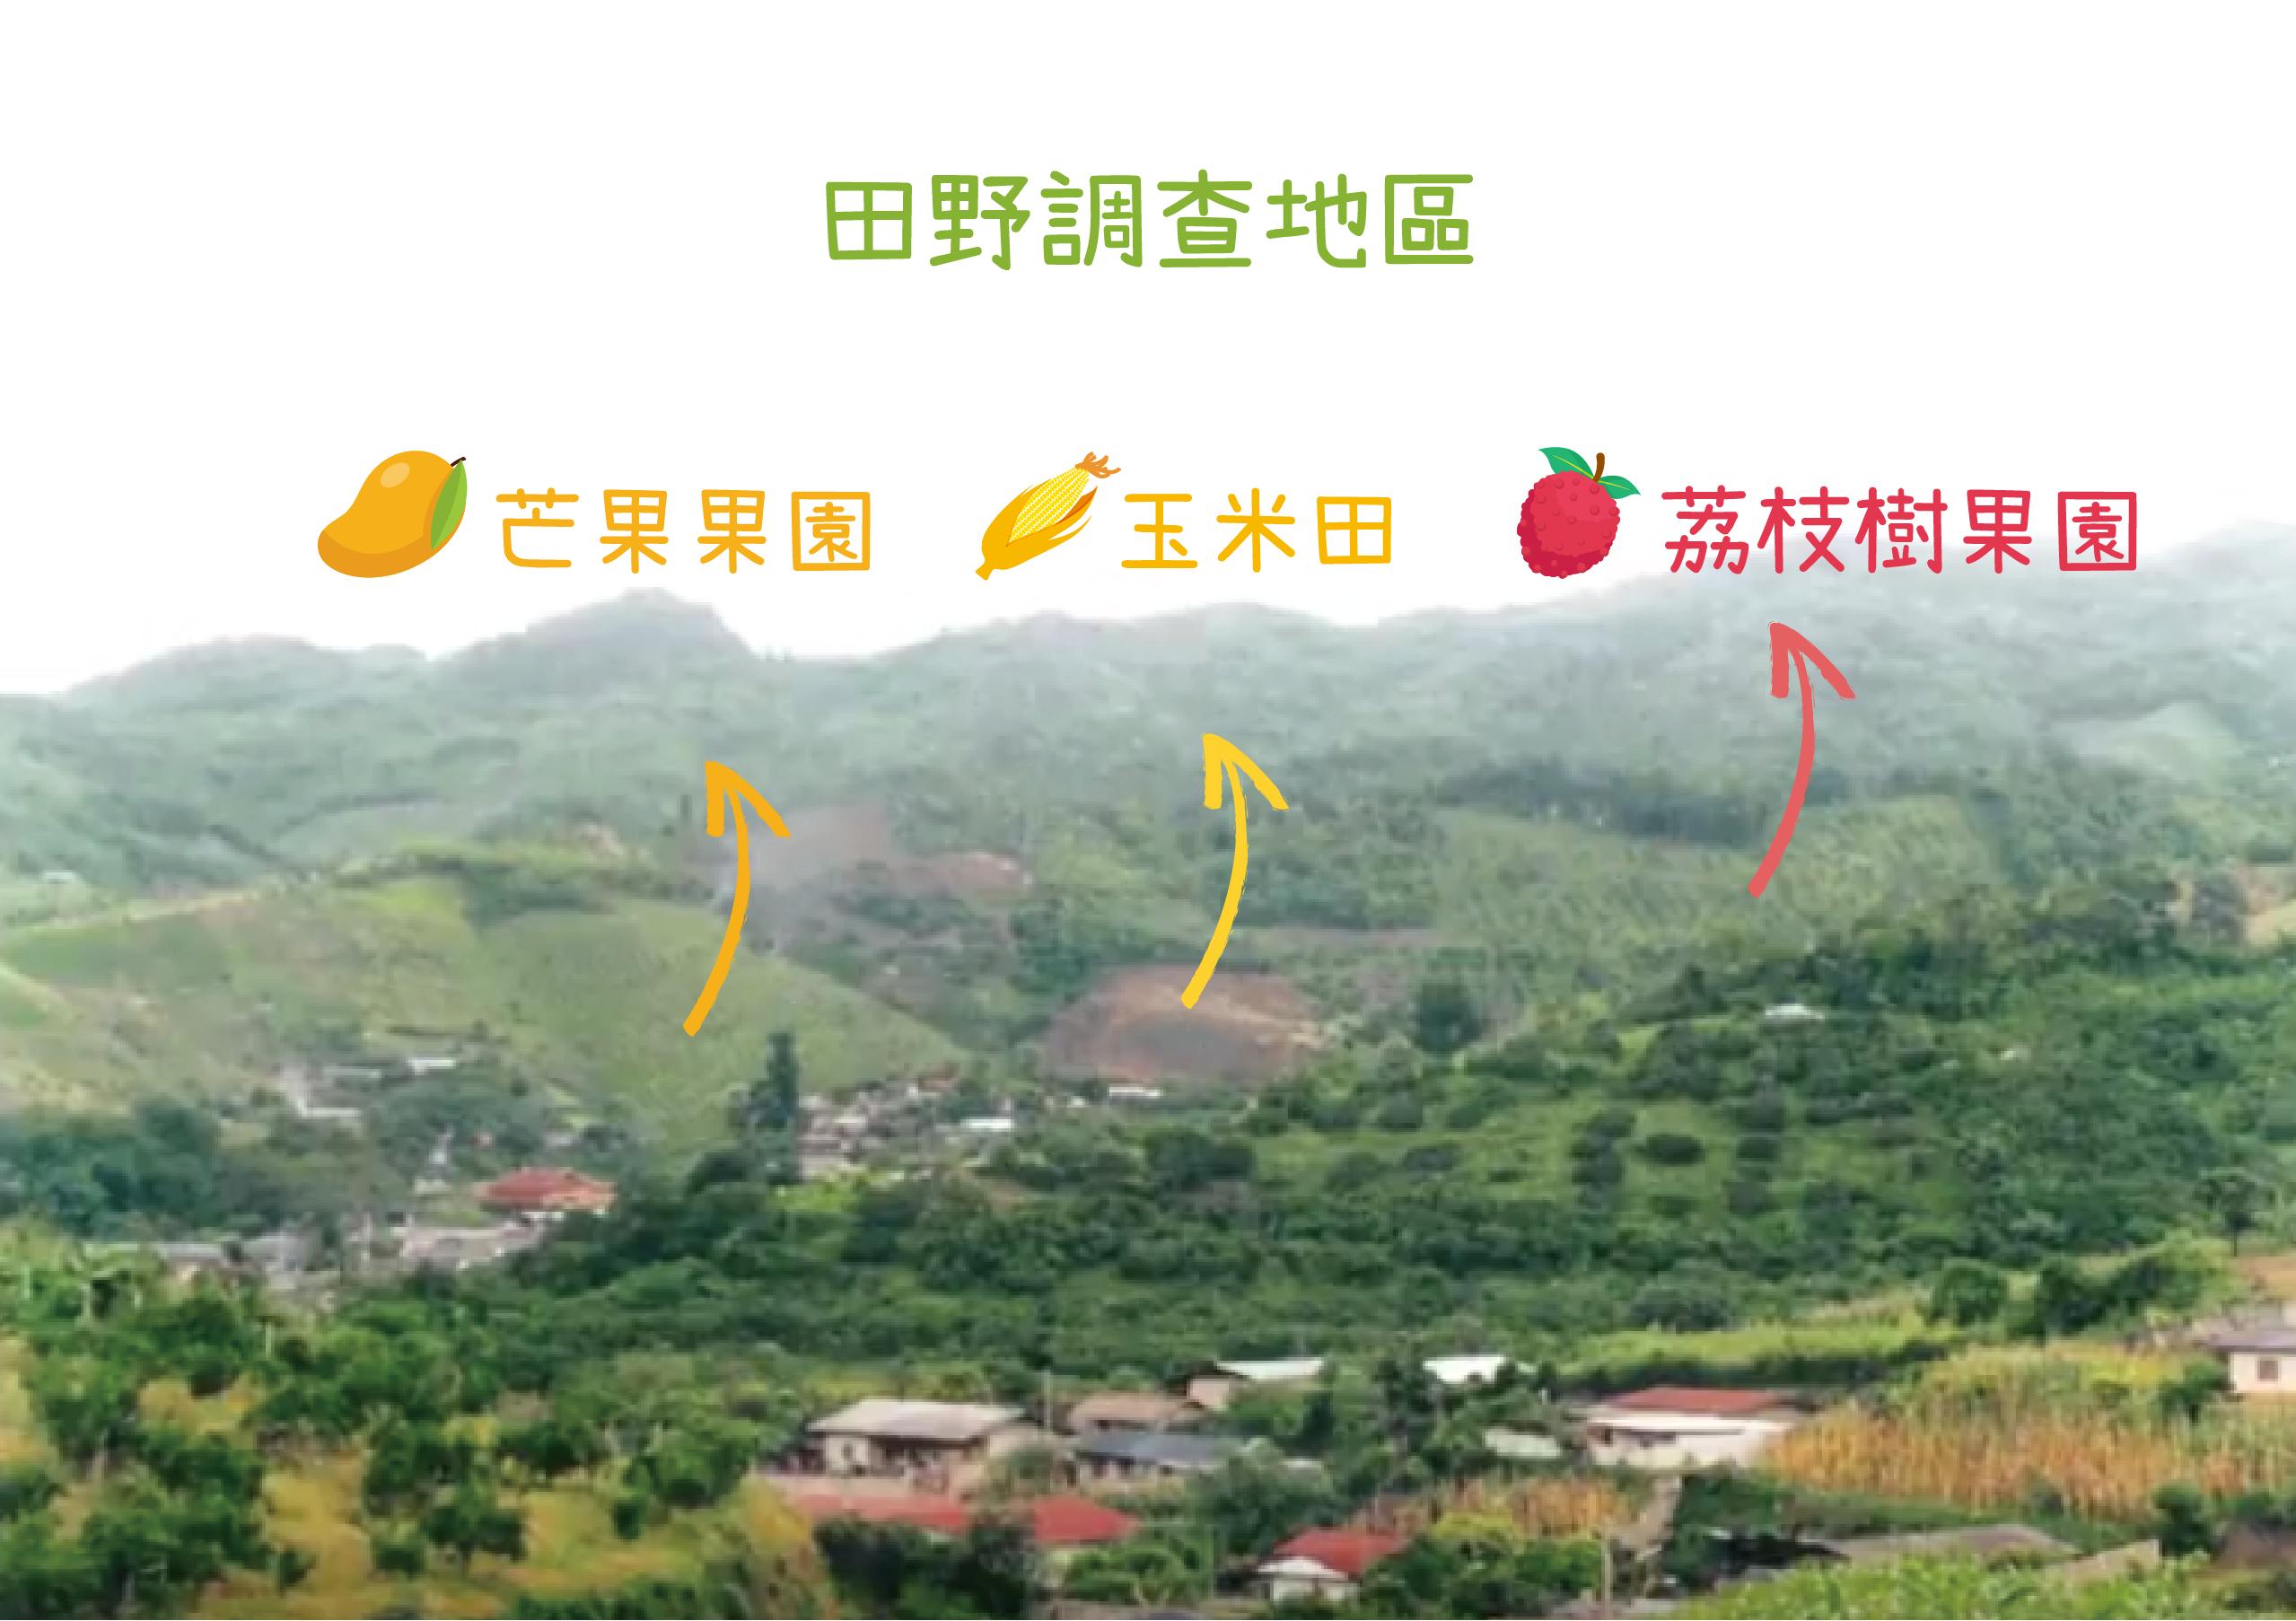 黃樹民與雲南大學、清邁大學團隊,選擇芒果、玉米、荔枝樹農地,檢測當地農作對水土成分的影響。圖│研之有物(圖片來源│黃樹民提供)